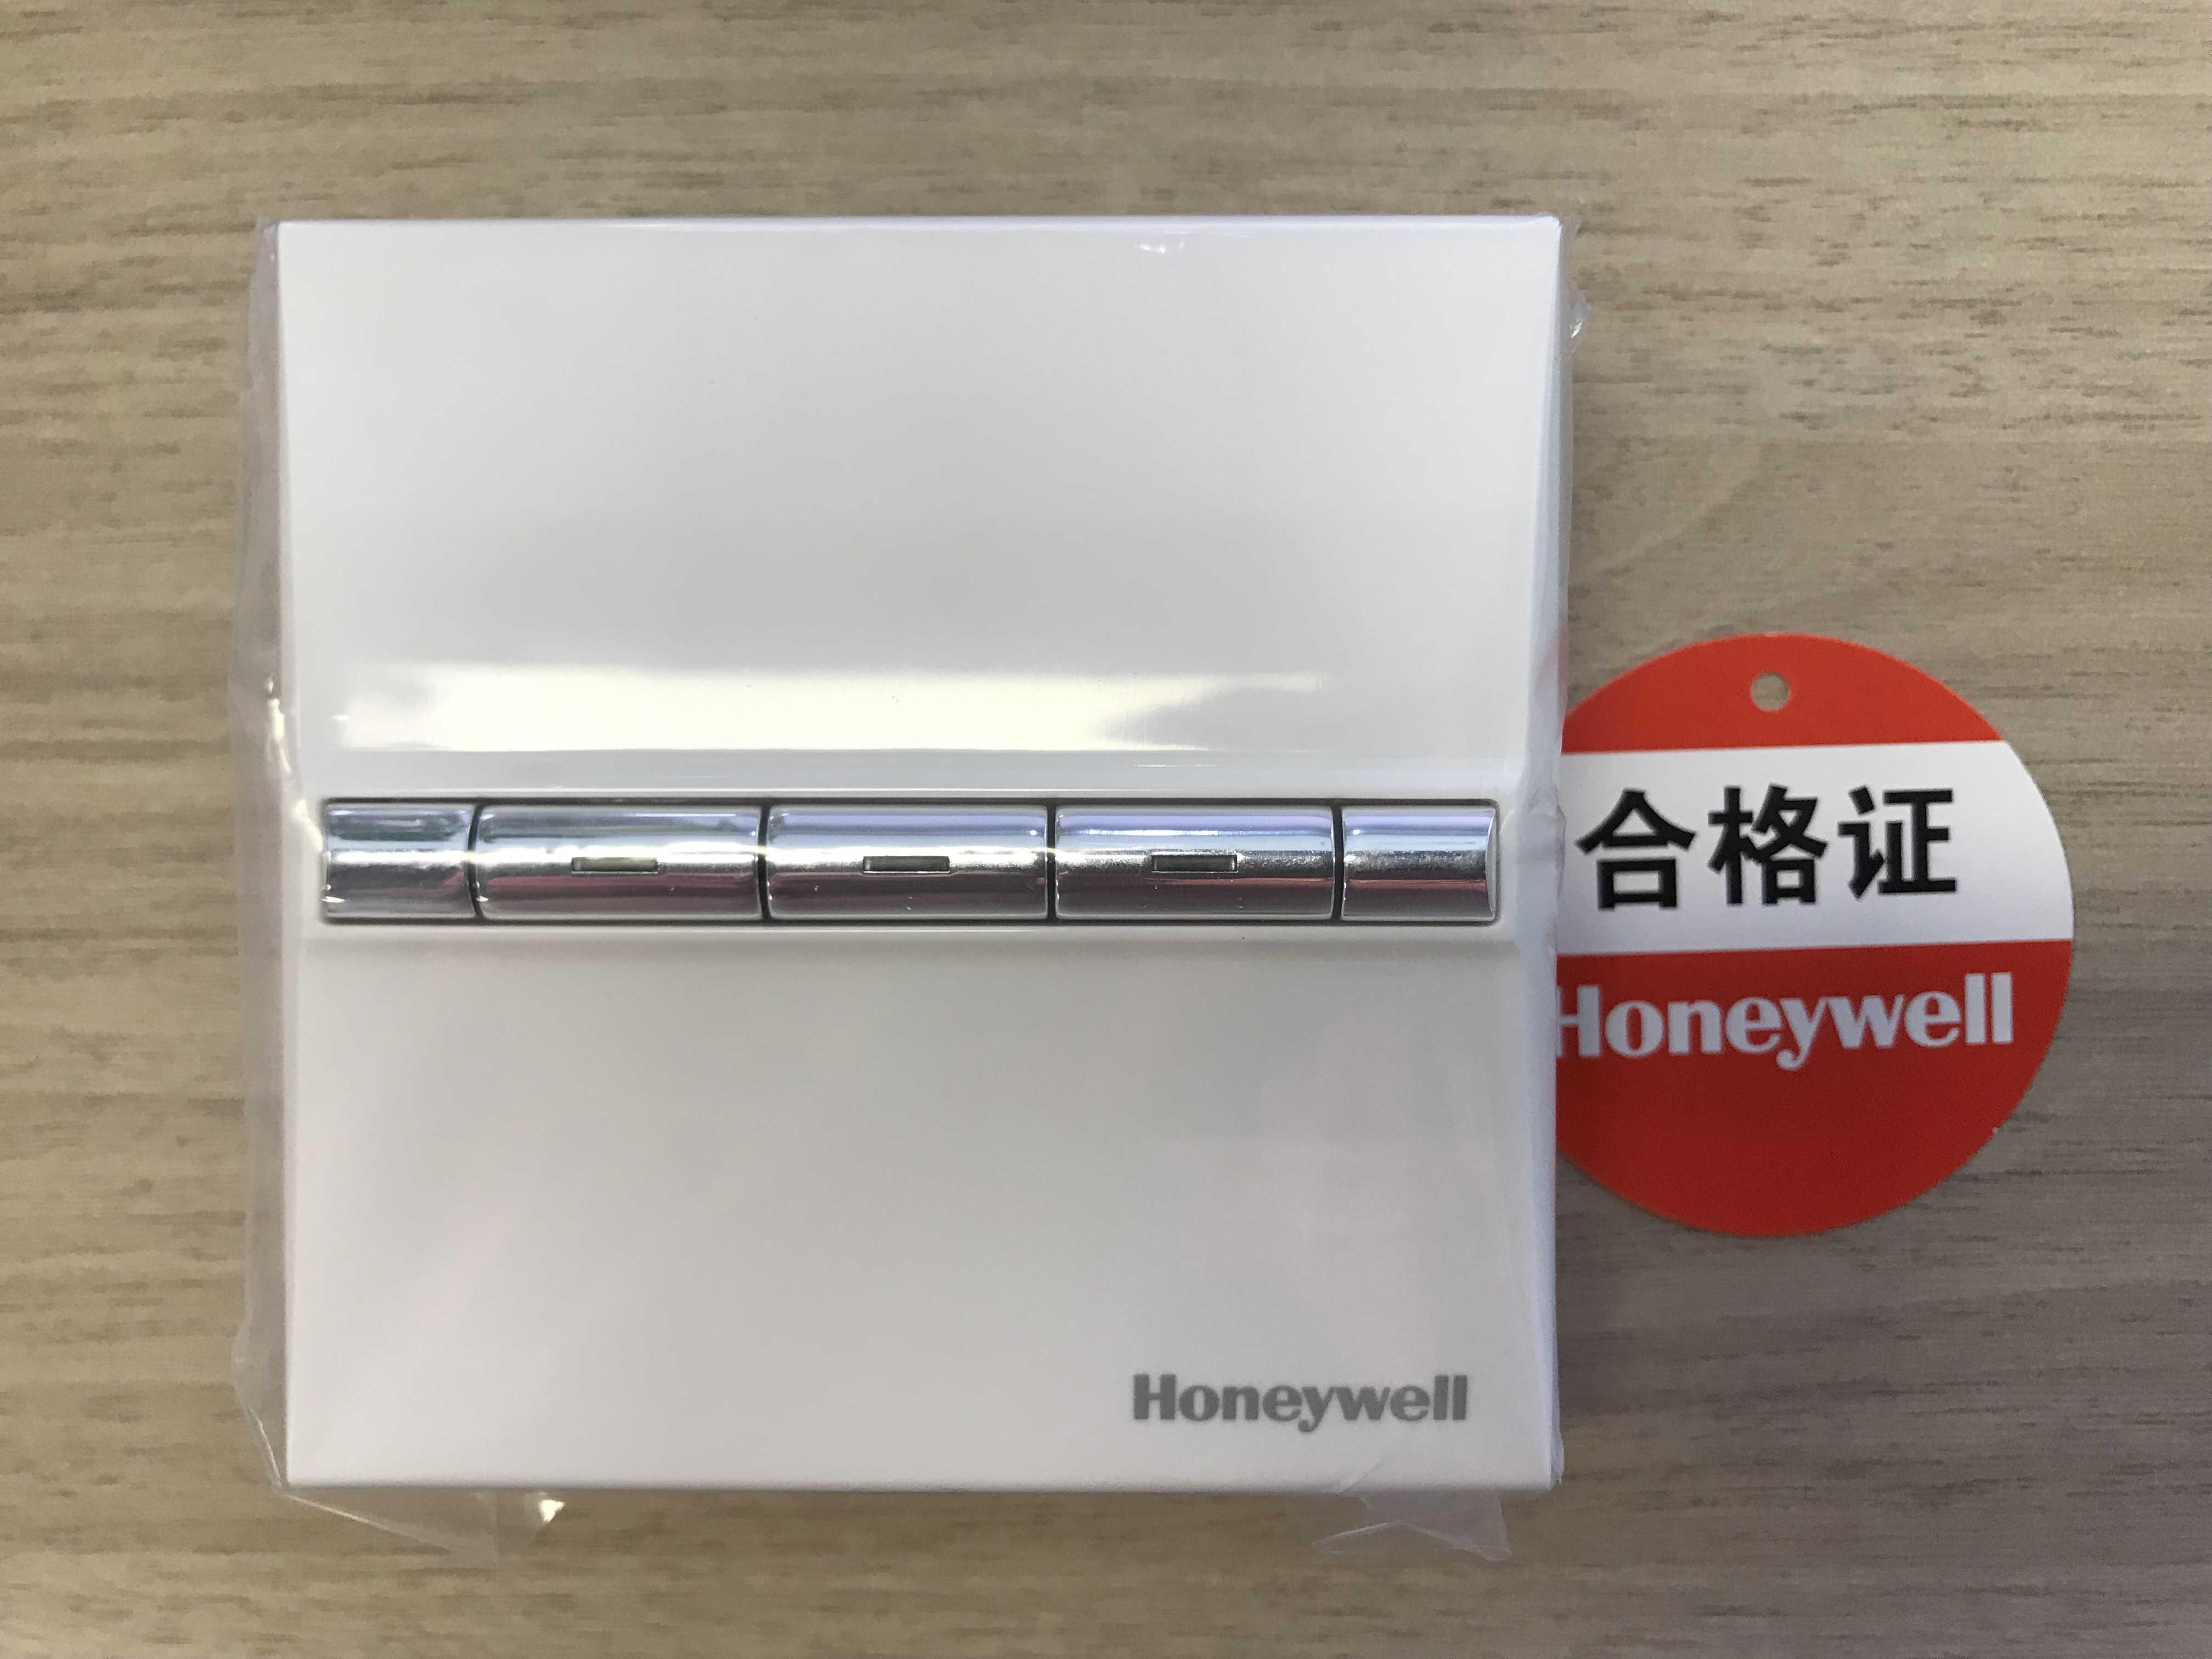 Интеллектуальное управление Honeywell три пути свет гладкий панель HRMS-1113 бесплатная доставка по китаю оригинал